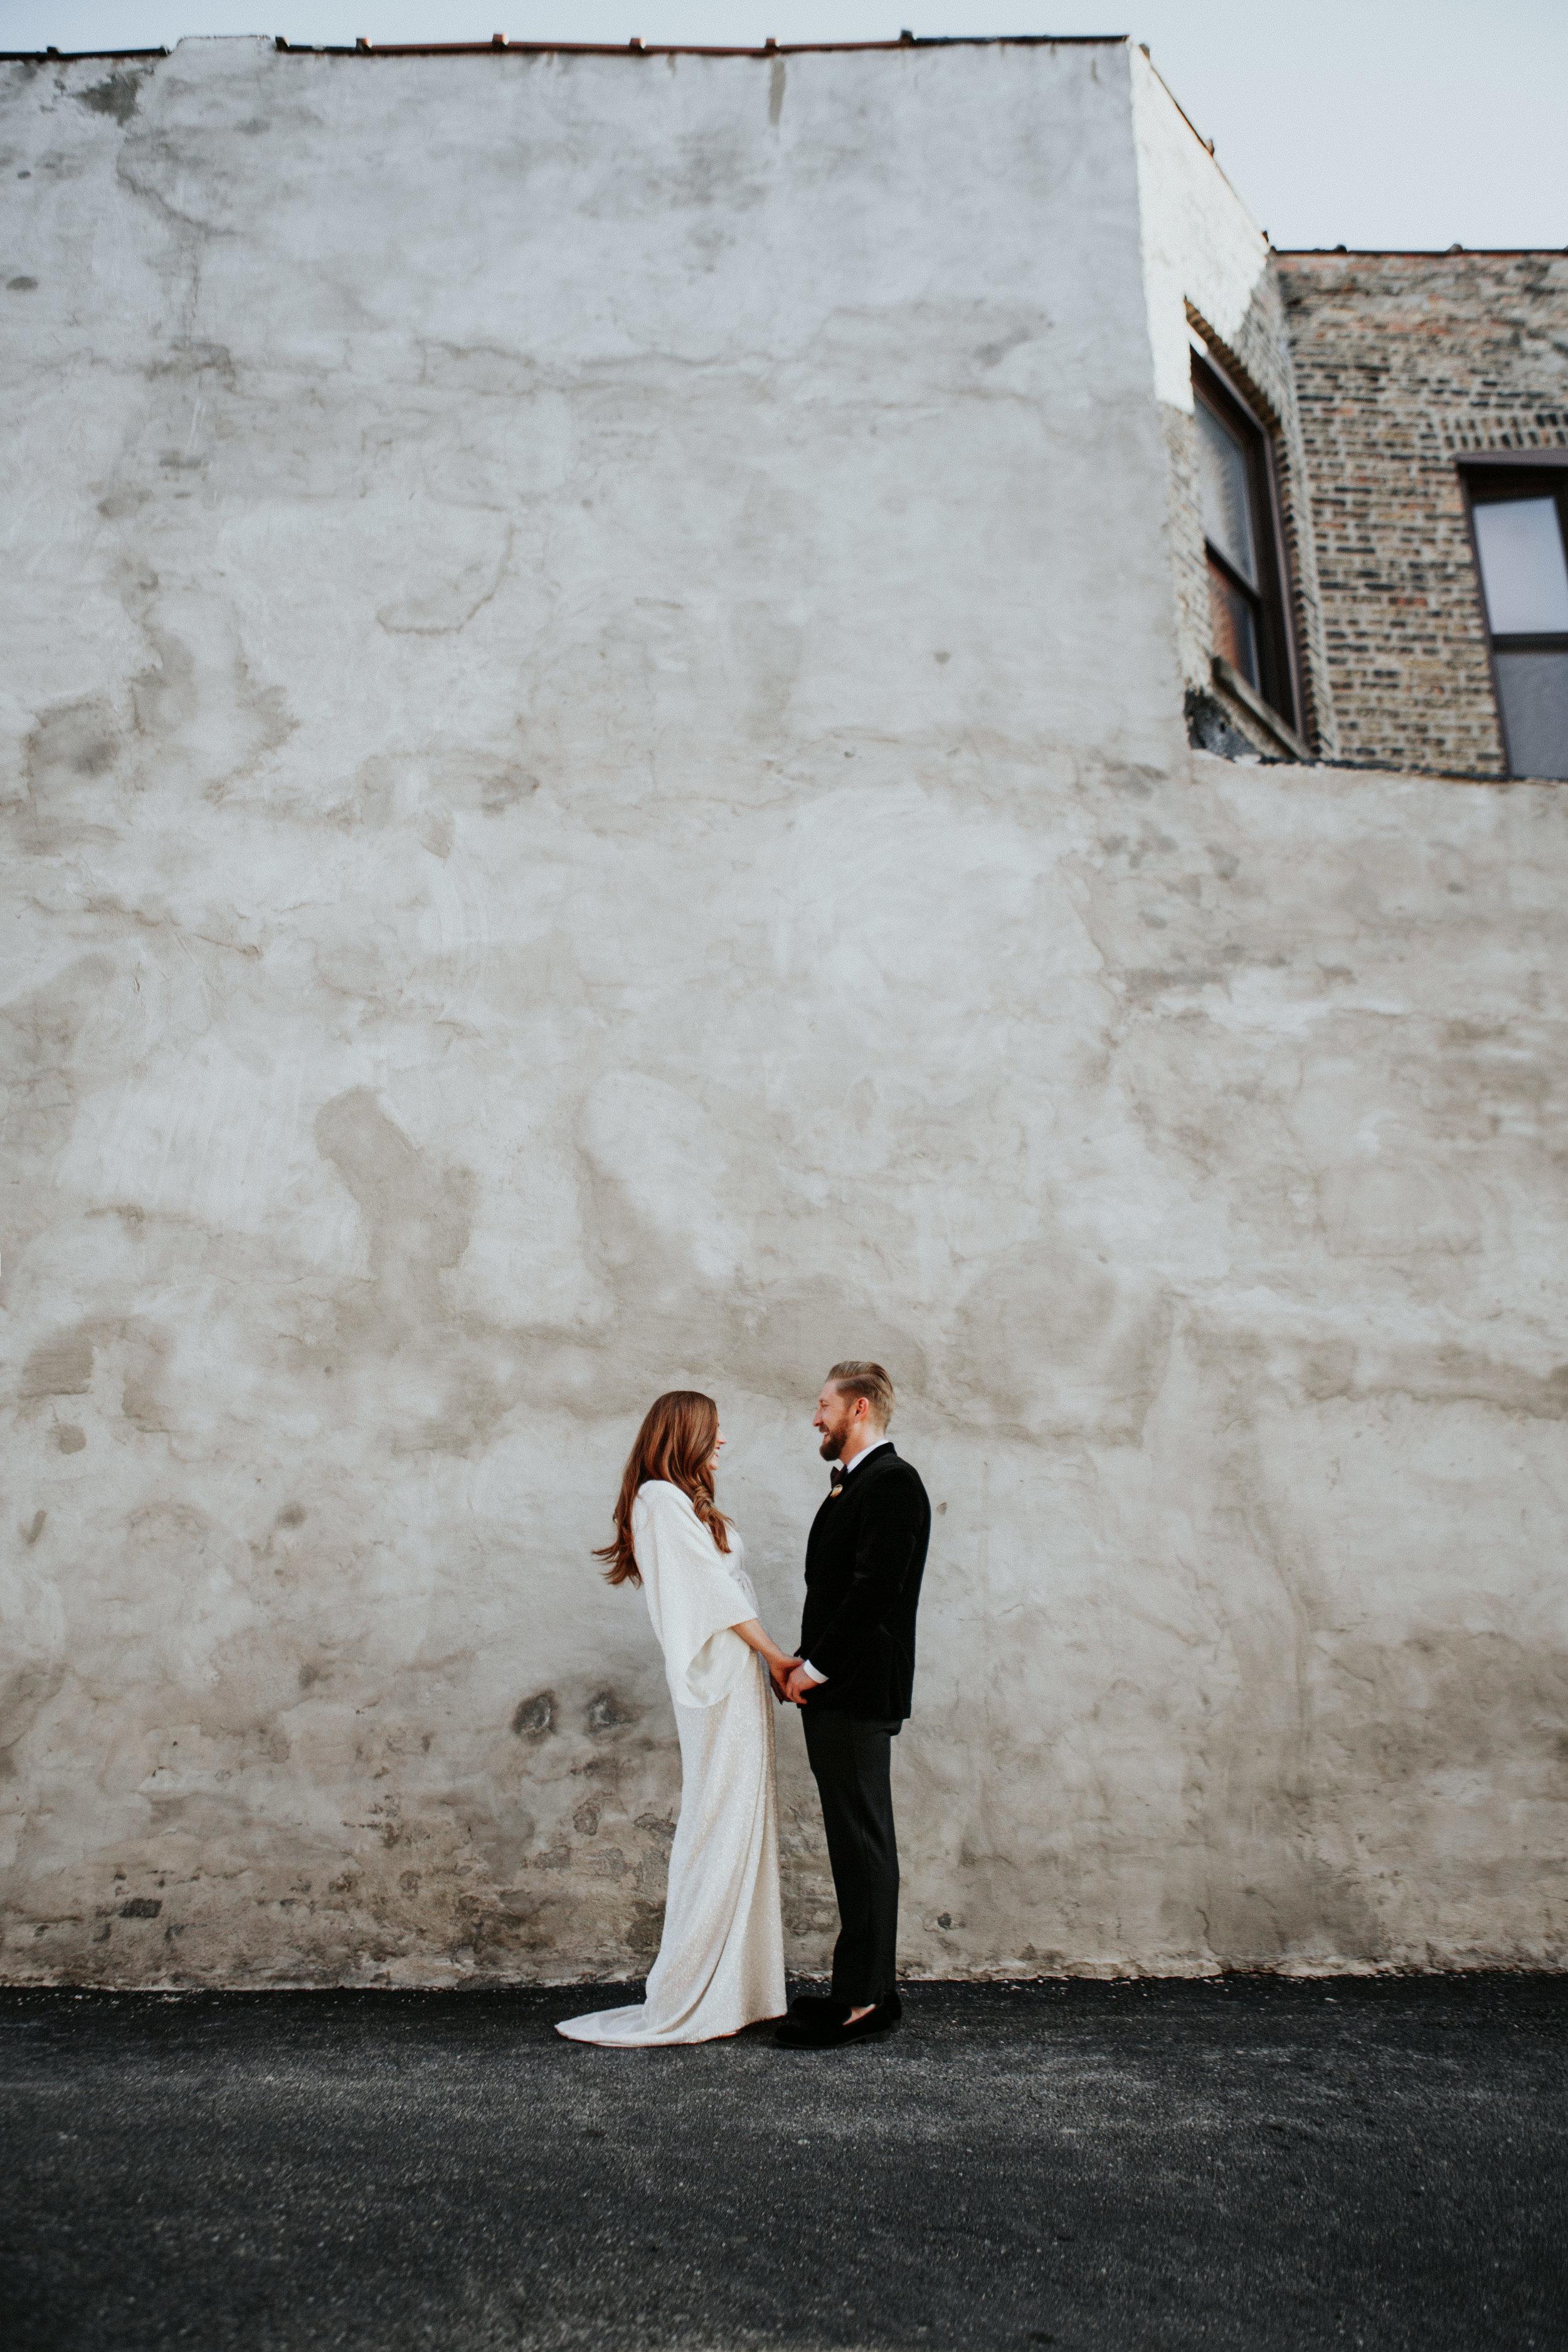 chicago wedding photography boho style